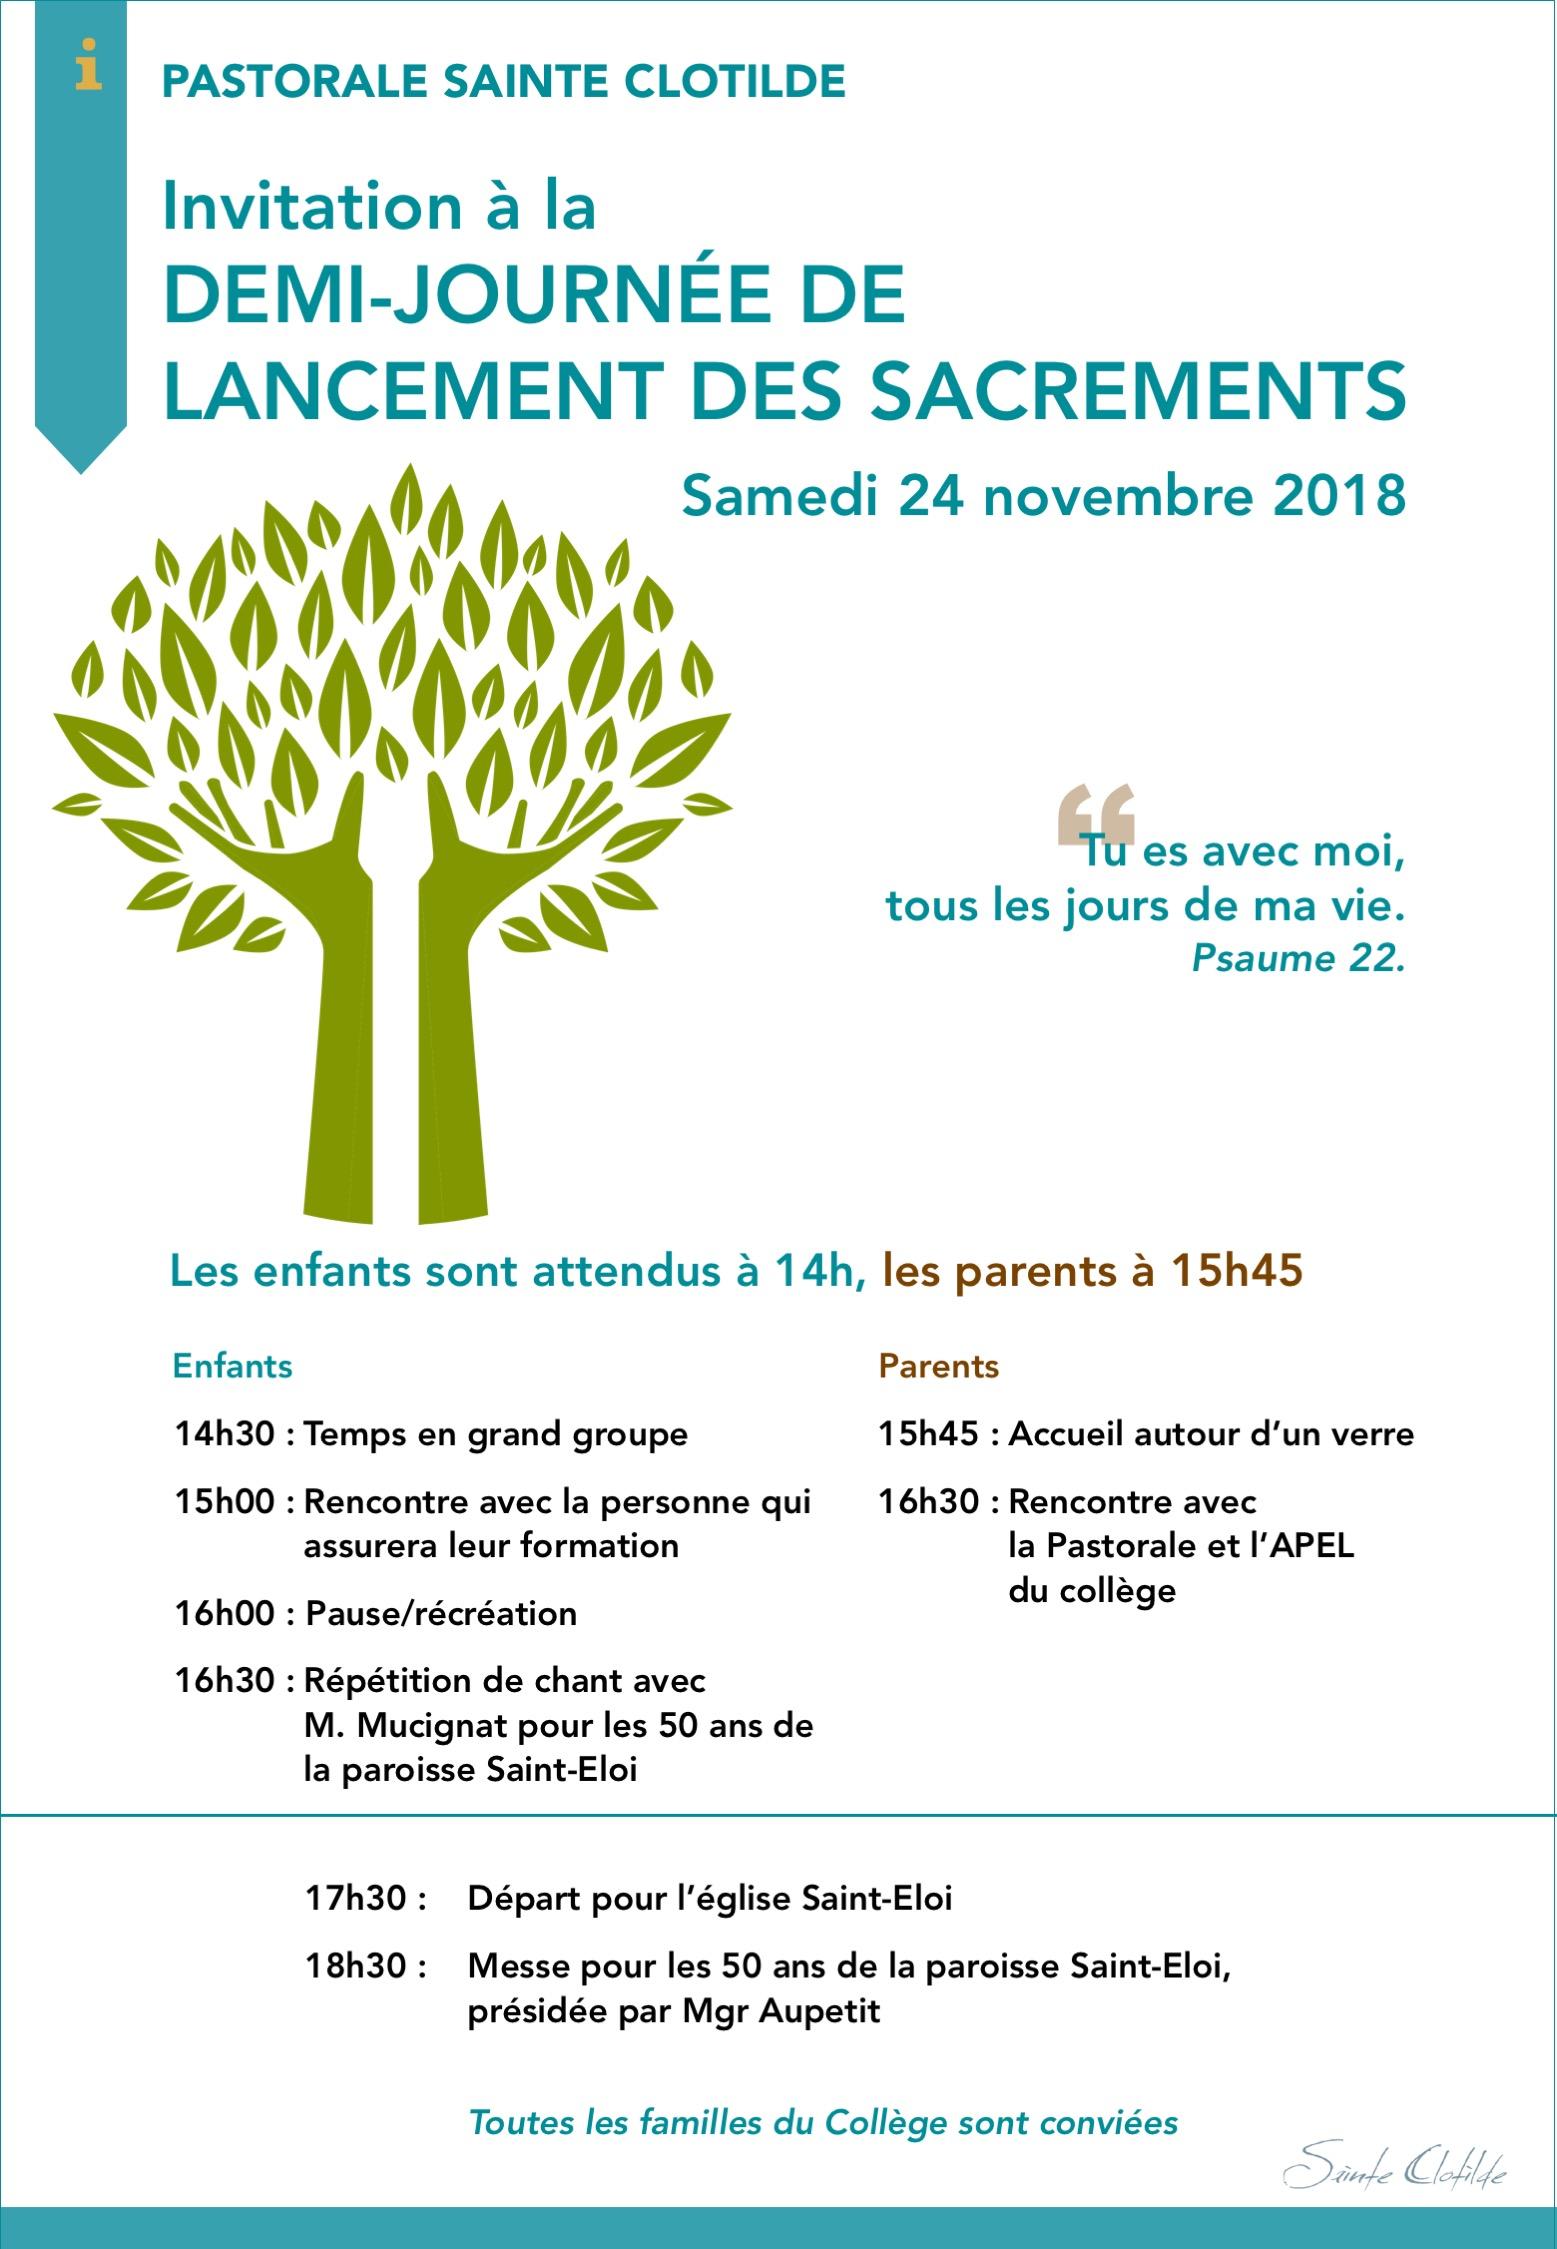 Lancement Sacrements 2018